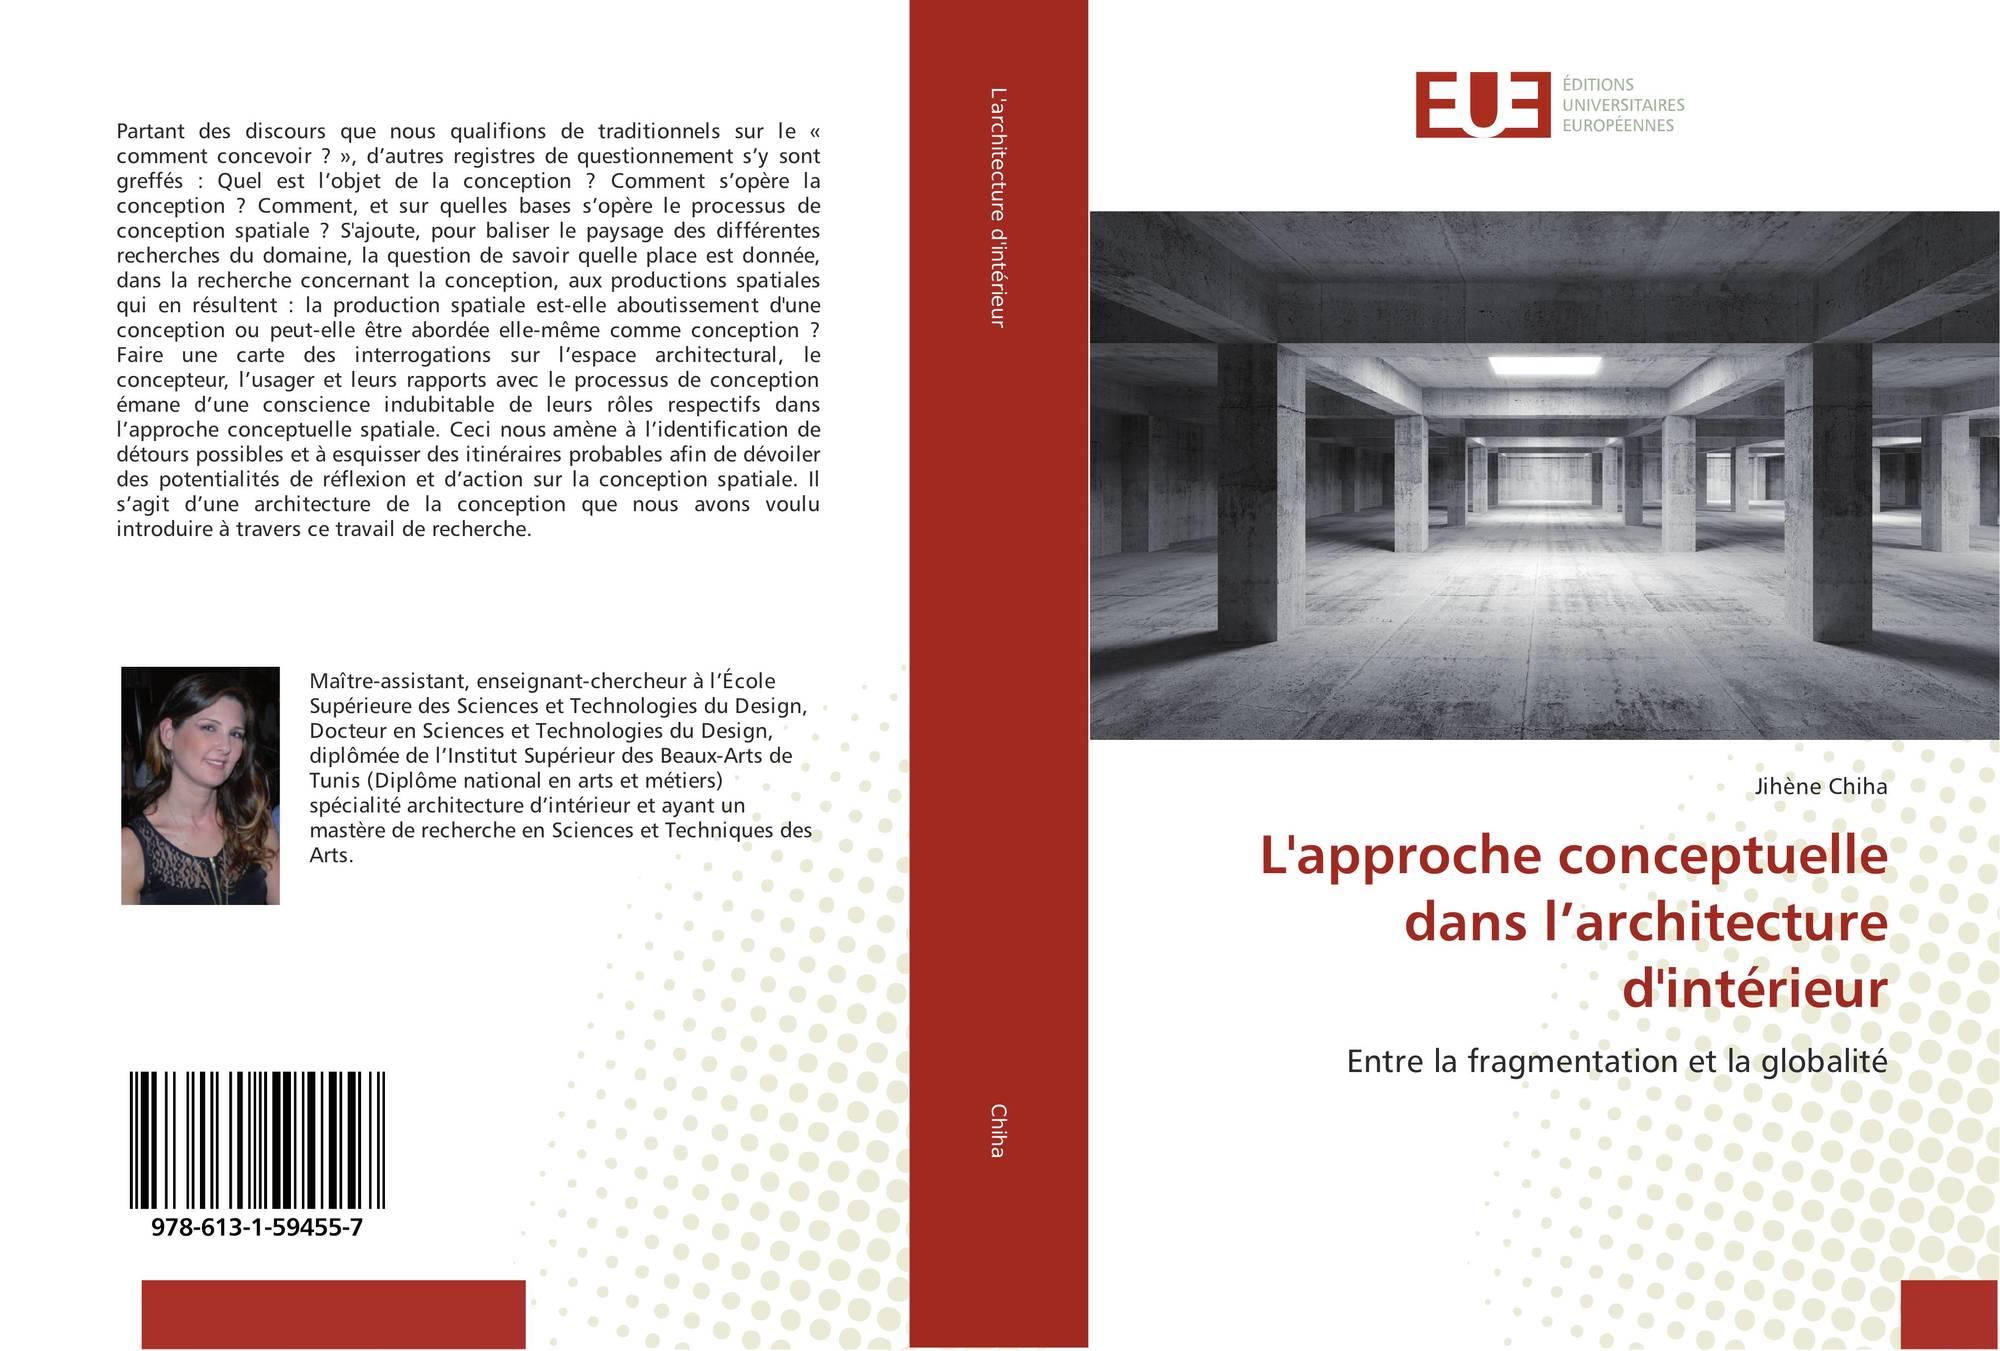 L 39 approche conceptuelle dans l architecture d 39 int rieur for L architecture d interieur